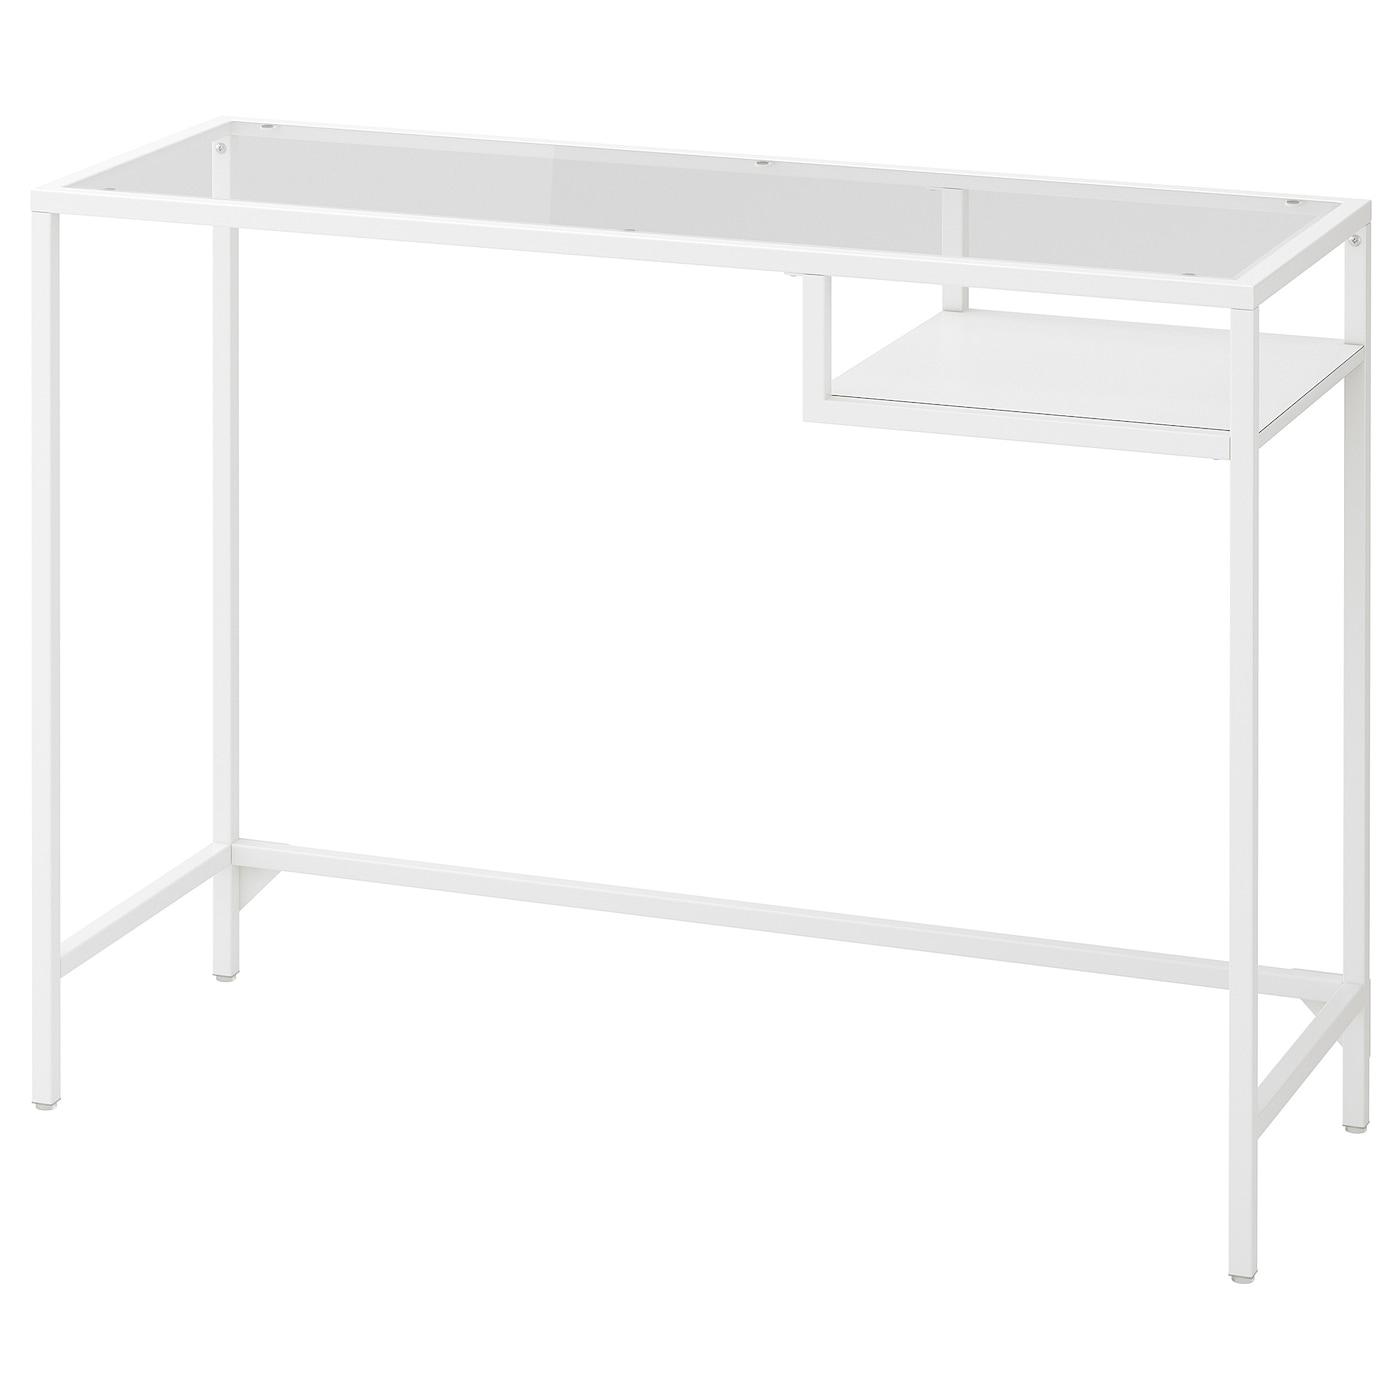 IKEA VITTSJÖ Laptoptisch weiß/Glas 100x36 cm | Büro > Bürotische > Computertische | IKEA